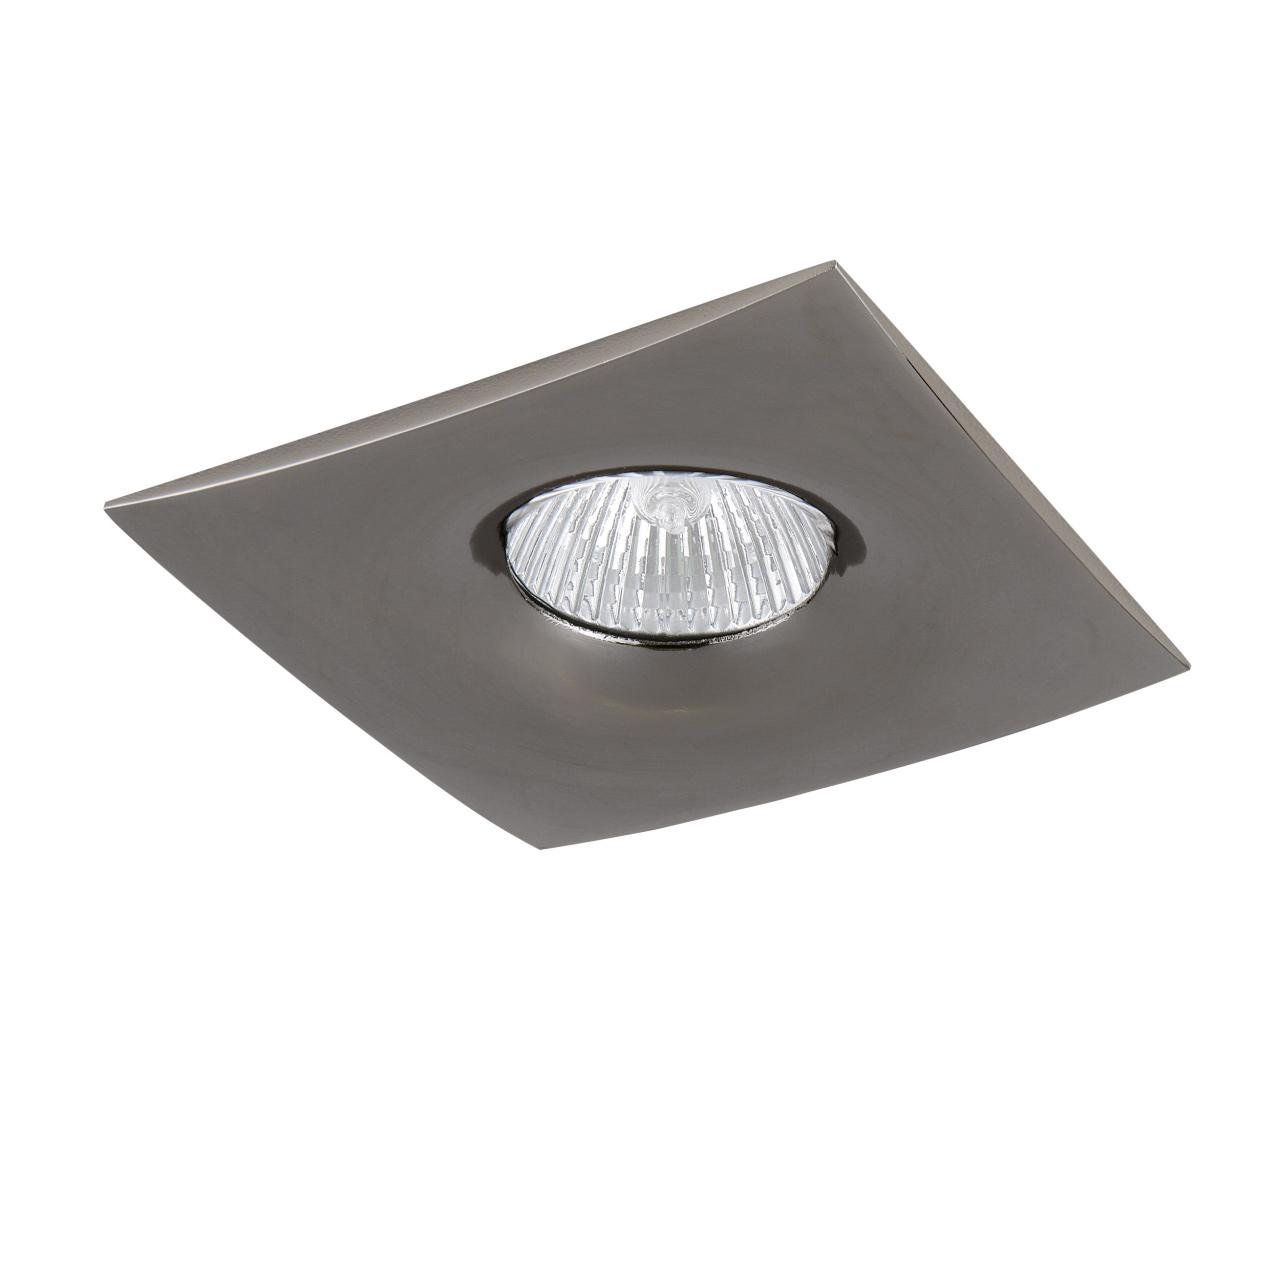 Светильник Levigo Q MR16 / HP16 черный хром Lightstar 010038